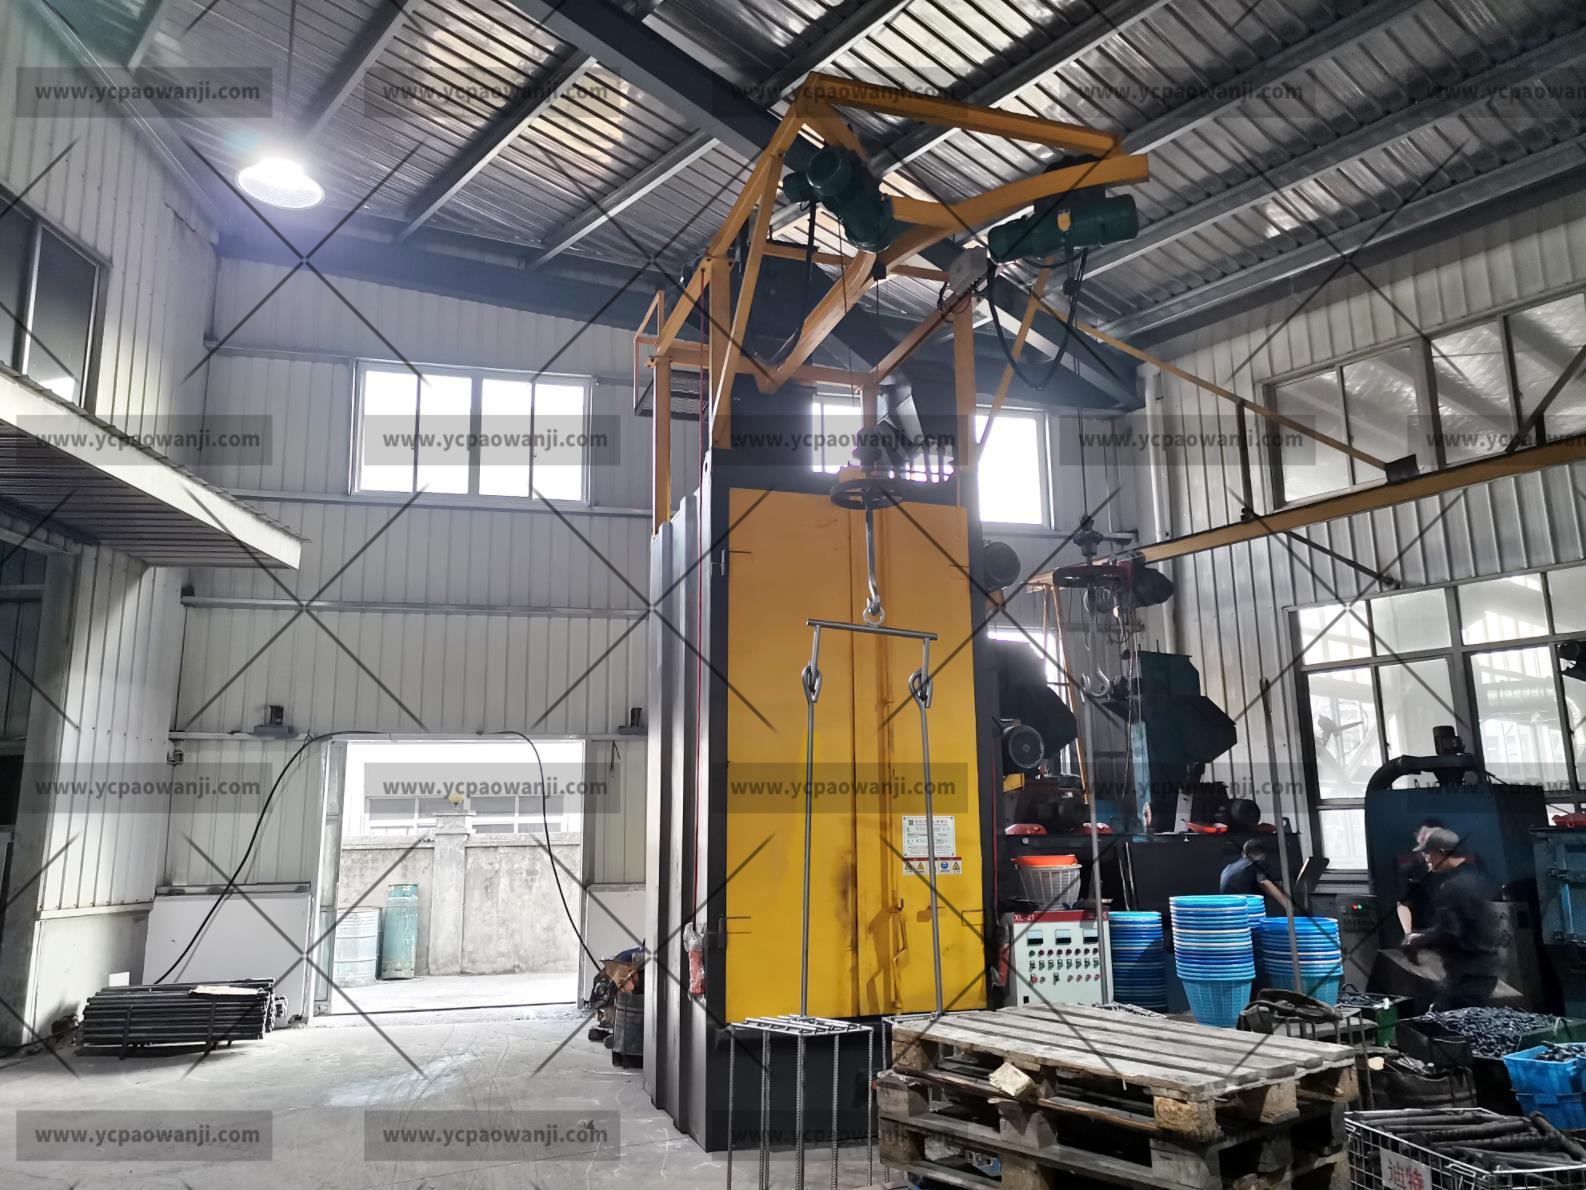 发往湖南长沙Q3710吊钩式抛丸机抛丸除锈去氧化皮效果怎么样?